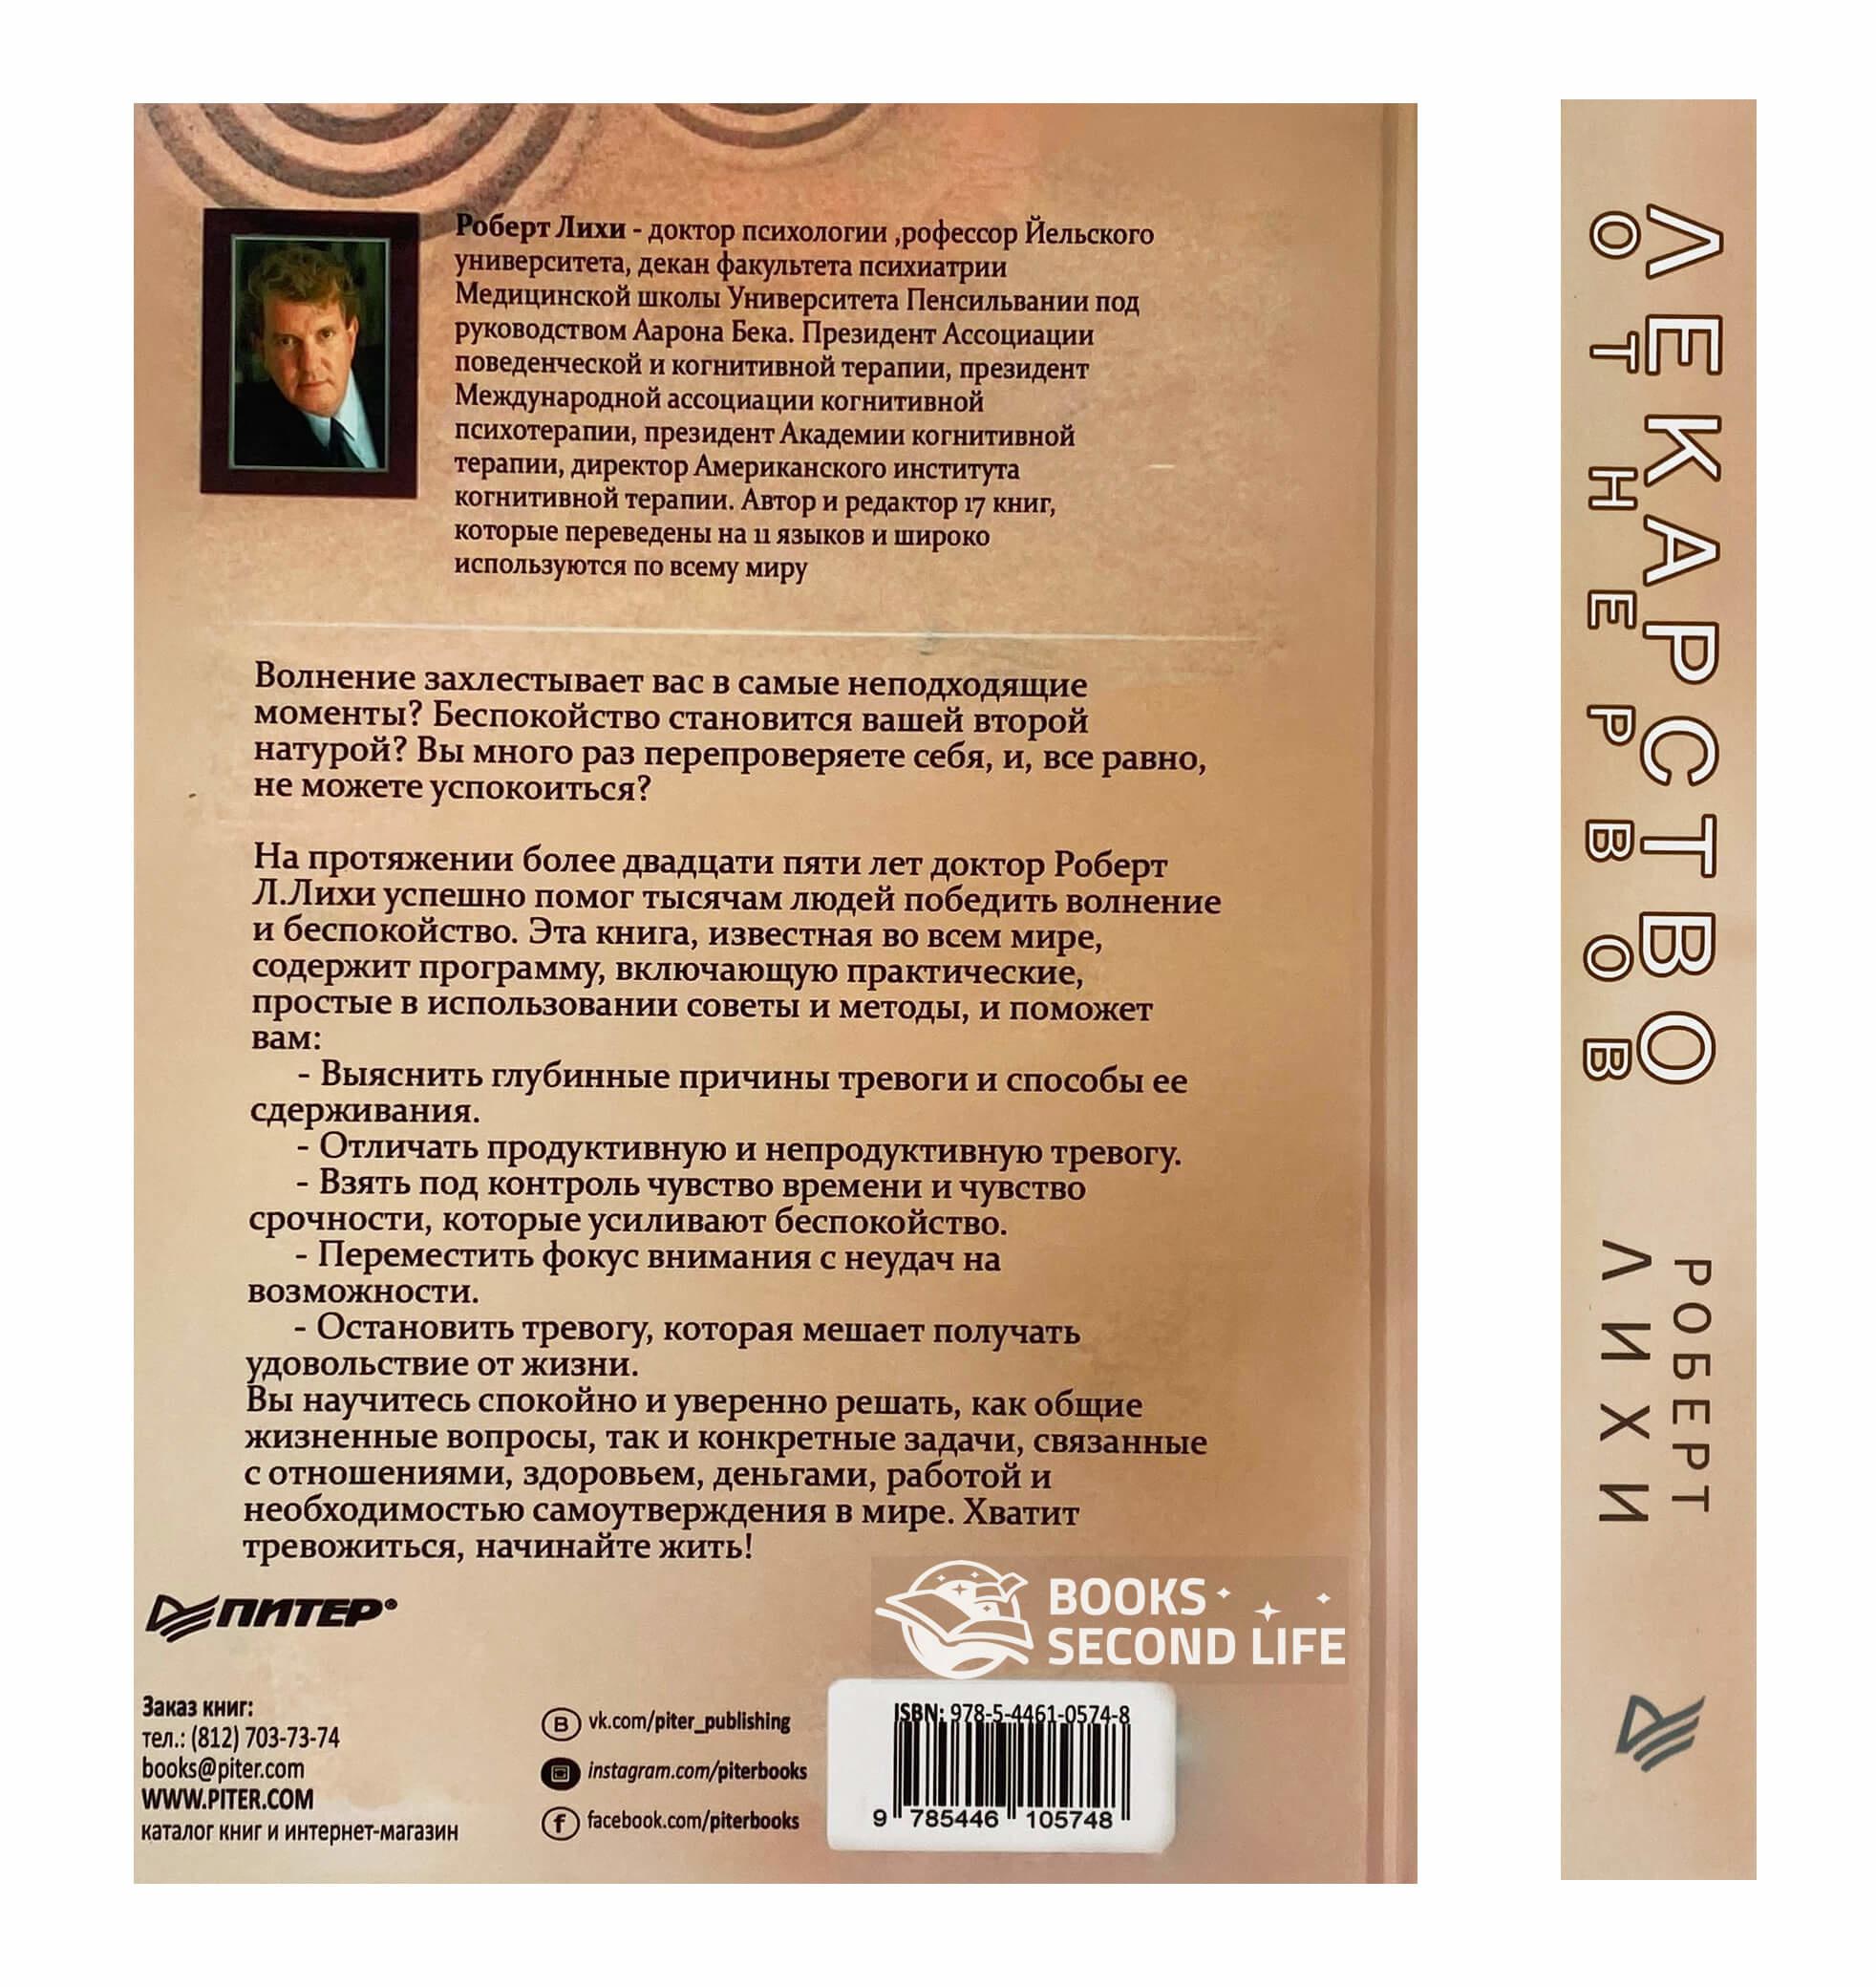 Лекарство от нервов. Как перестать волноваться и получить удовольствие от жизни. Автор — Роберт Лихи. Переплет —